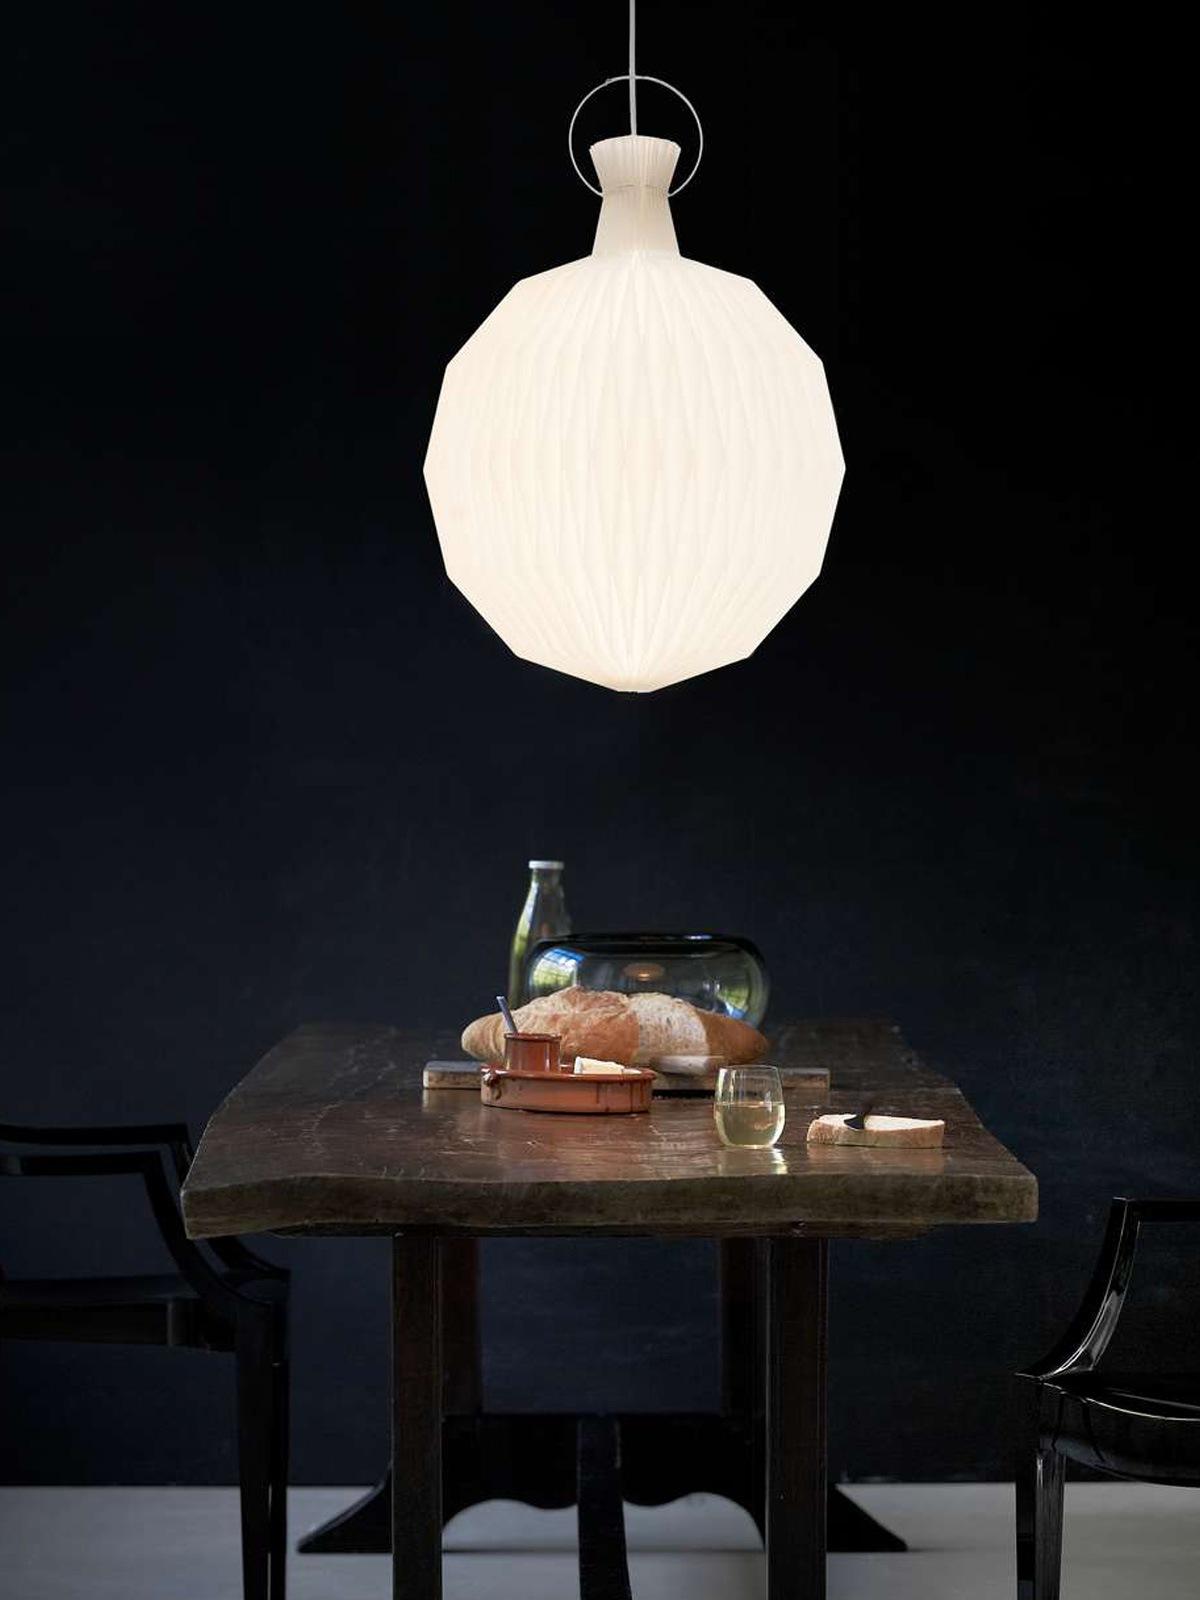 101 Le Klint handgefaltete Designerleuchte DesignOrt Onlineshop Lampen